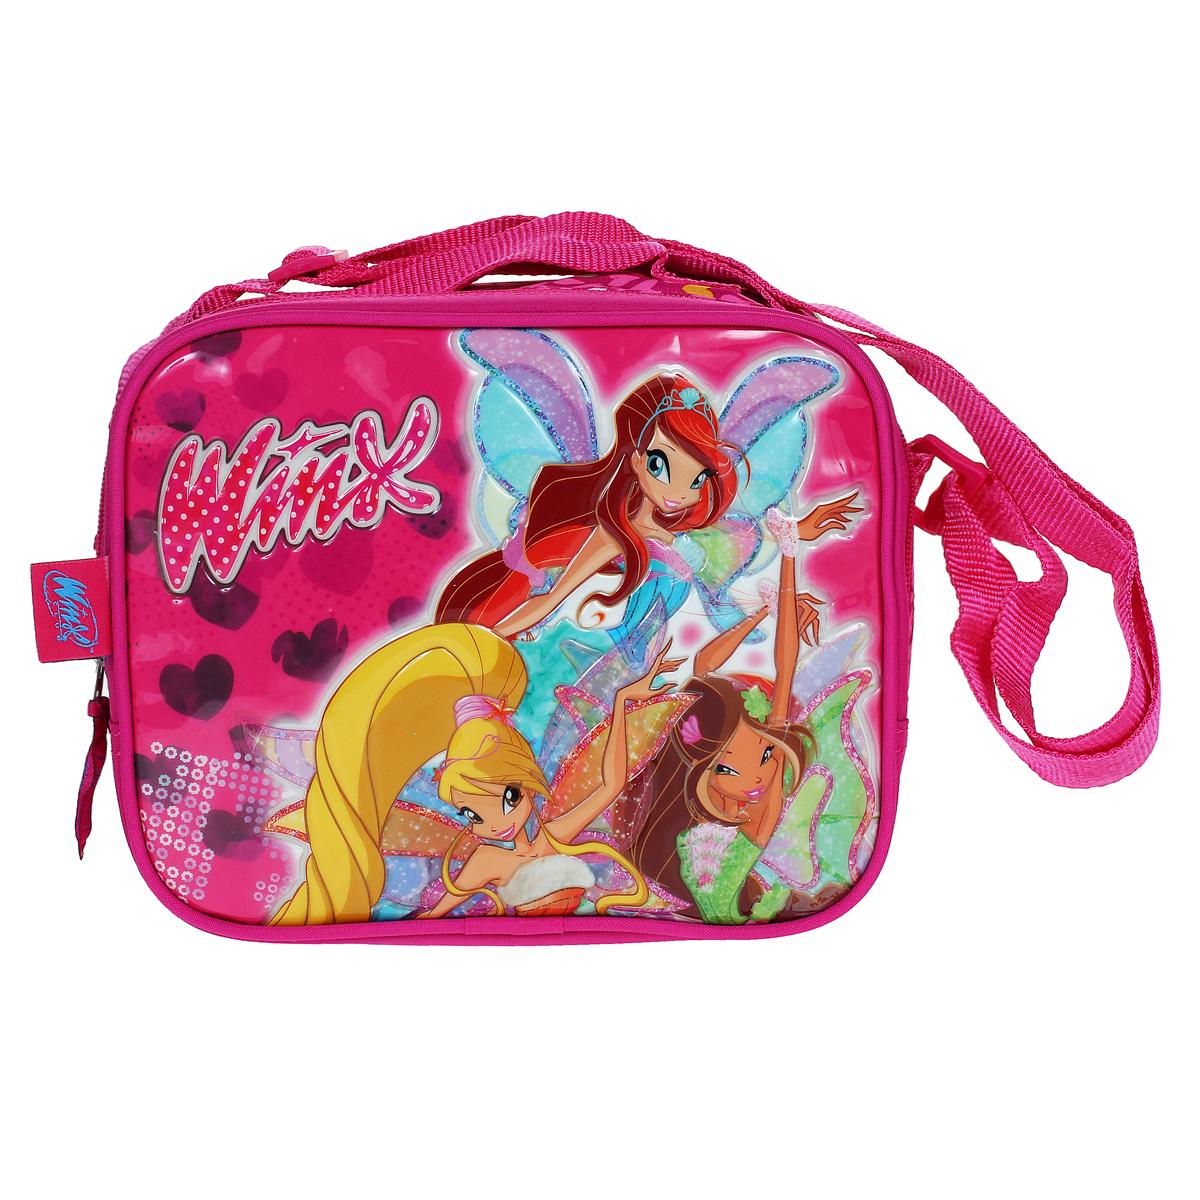 Детская сумочка Winx Club Sophix, цвет: ярко-розовый20755Детская сумочка Winx Club Sophix - это модный аксессуар для юной поклонницы популярного мультсериала Winx Club. Сумочка выполнена из прочного материала ярко-розового цвета и оформлена объемной аппликацией с изображением трех фей - Блум, Стеллы и Флоры. Сумочка содержит одно отделение и закрывается с помощью застежки-молнии. Бегунок застежки дополнен удобным текстильным держателем с надписью Winx Club. Сумочка оснащена регулируемым по длине ремнем для переноски, благодаря чему подойдет детям любого роста, и текстильной ручкой для переноски в руке или подвешивания. Порадуйте свою малышку таким замечательным подарком!